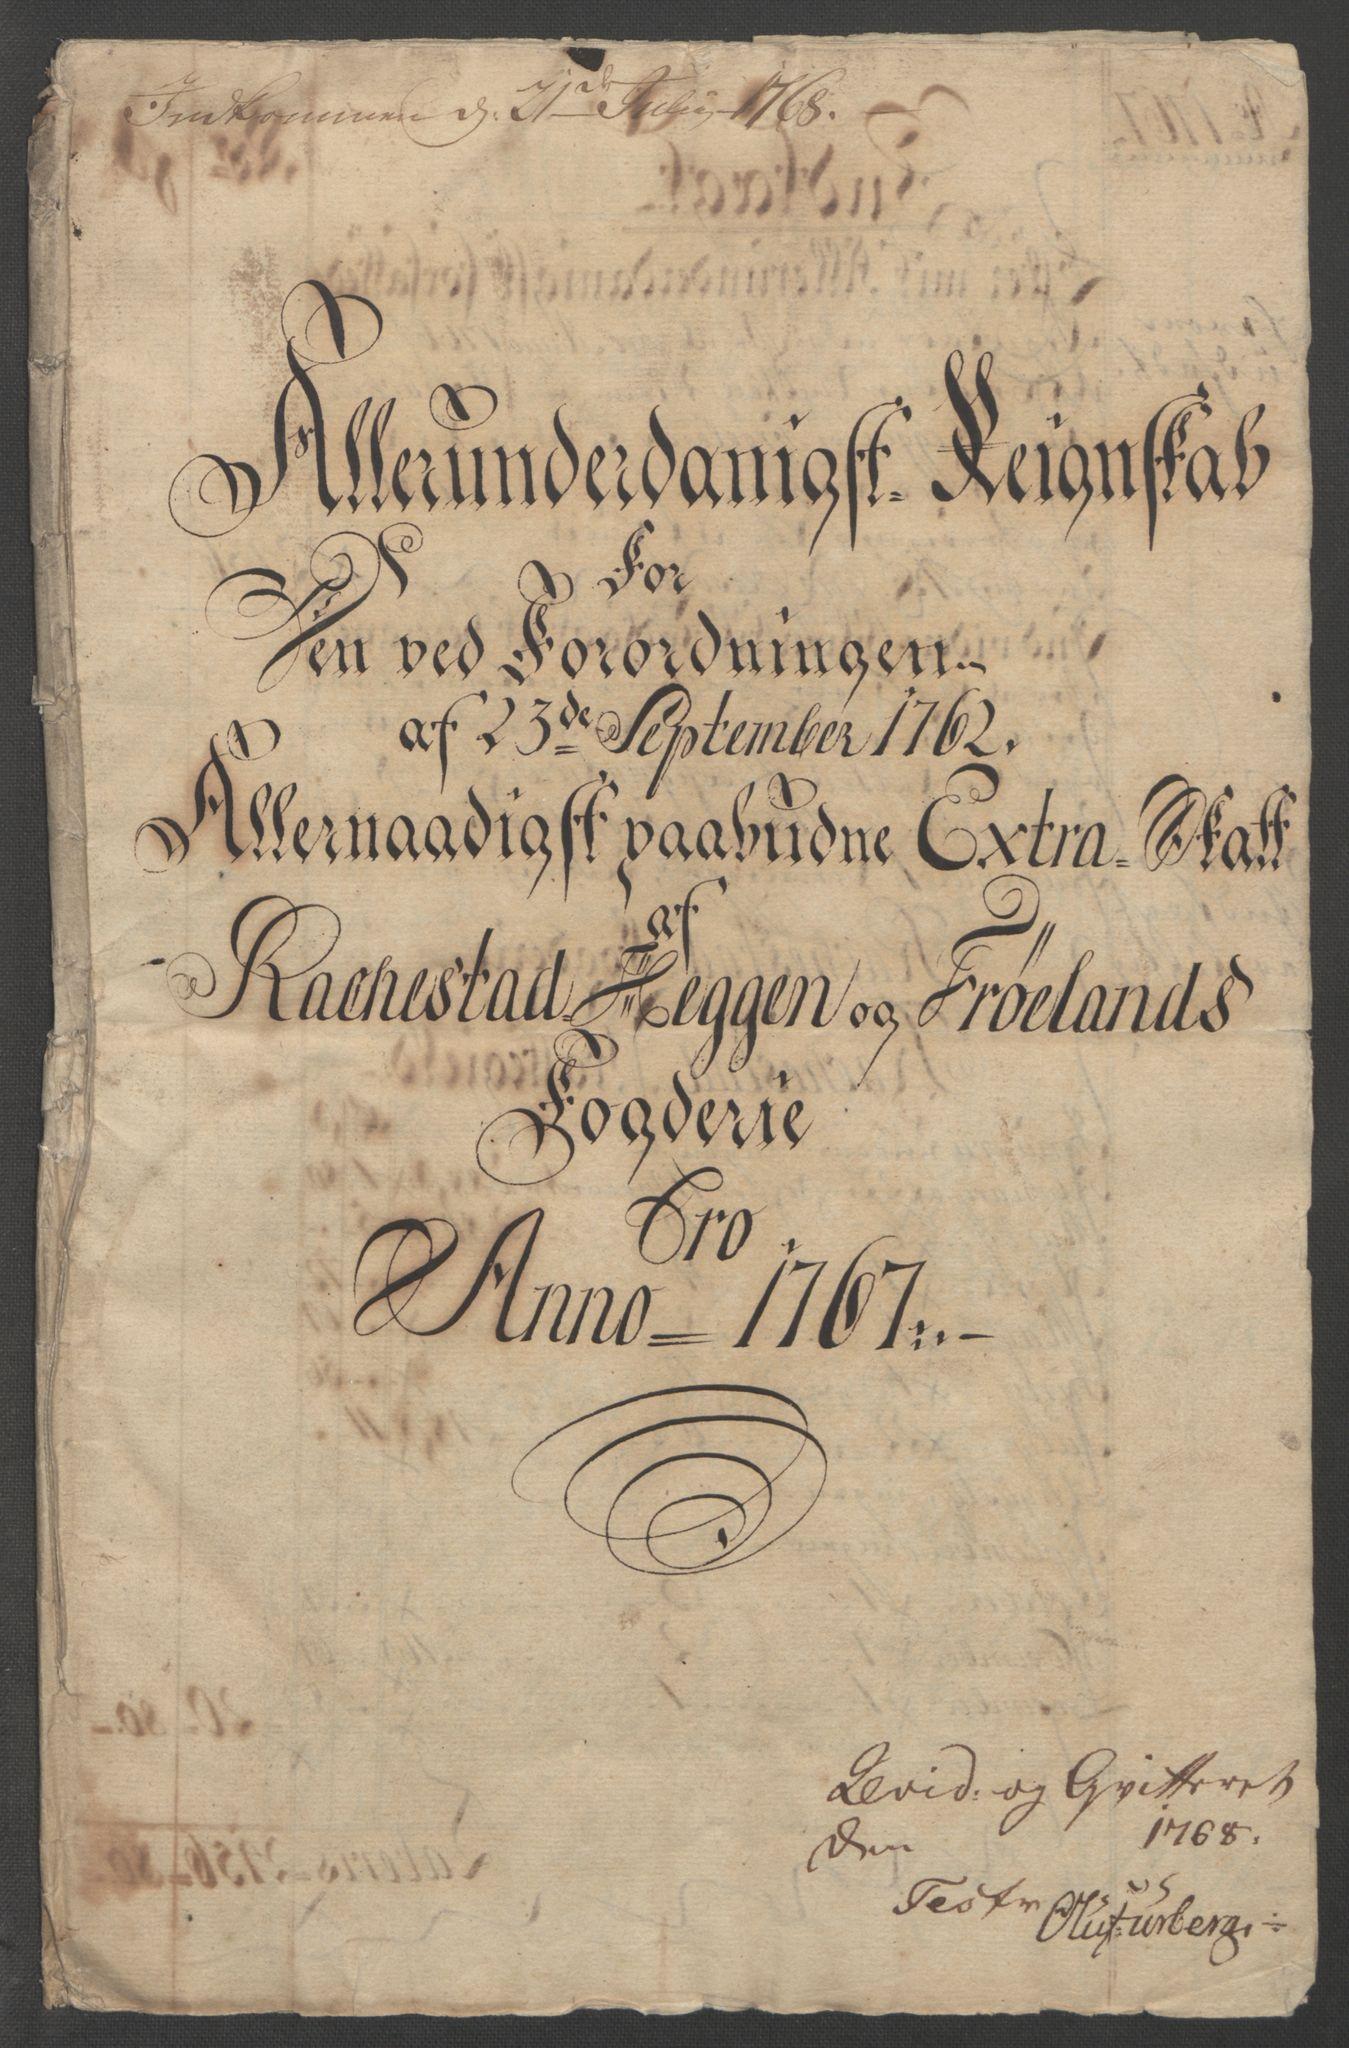 RA, Rentekammeret inntil 1814, Reviderte regnskaper, Fogderegnskap, R07/L0413: Ekstraskatten Rakkestad, Heggen og Frøland, 1762-1772, s. 327